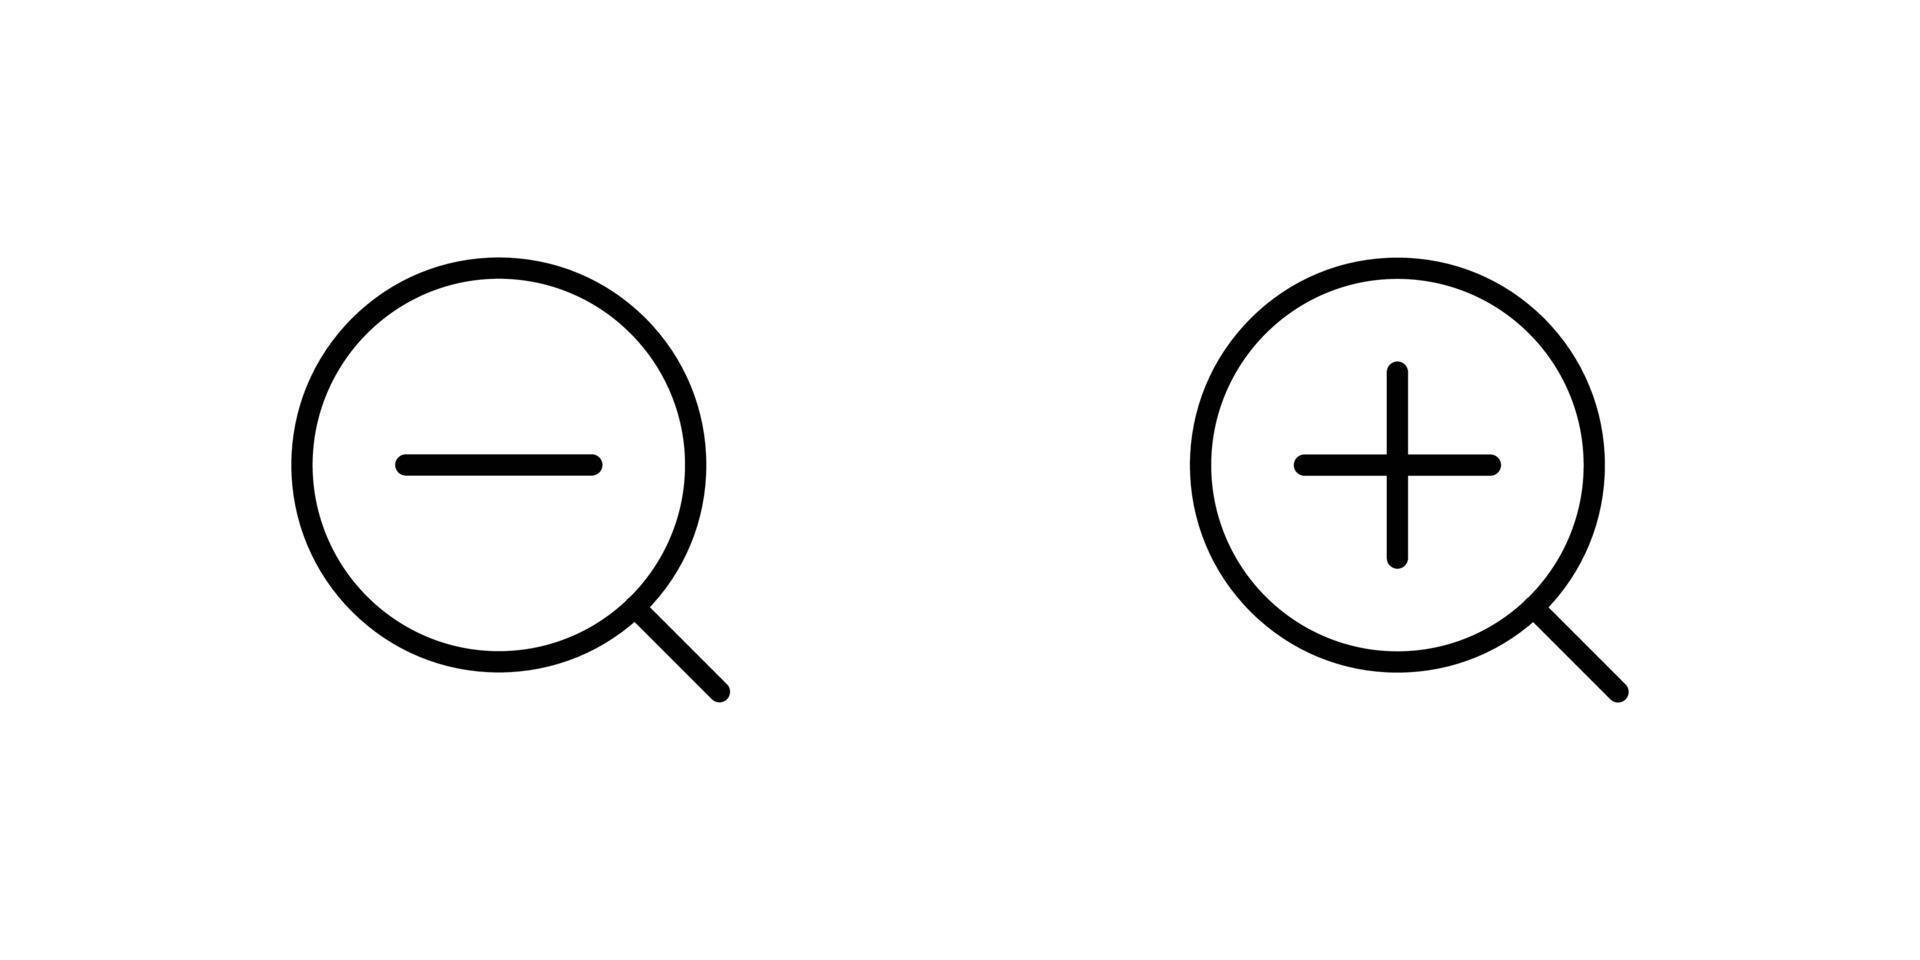 zoom avant et zoom arrière jeu d'icônes plat vecteur